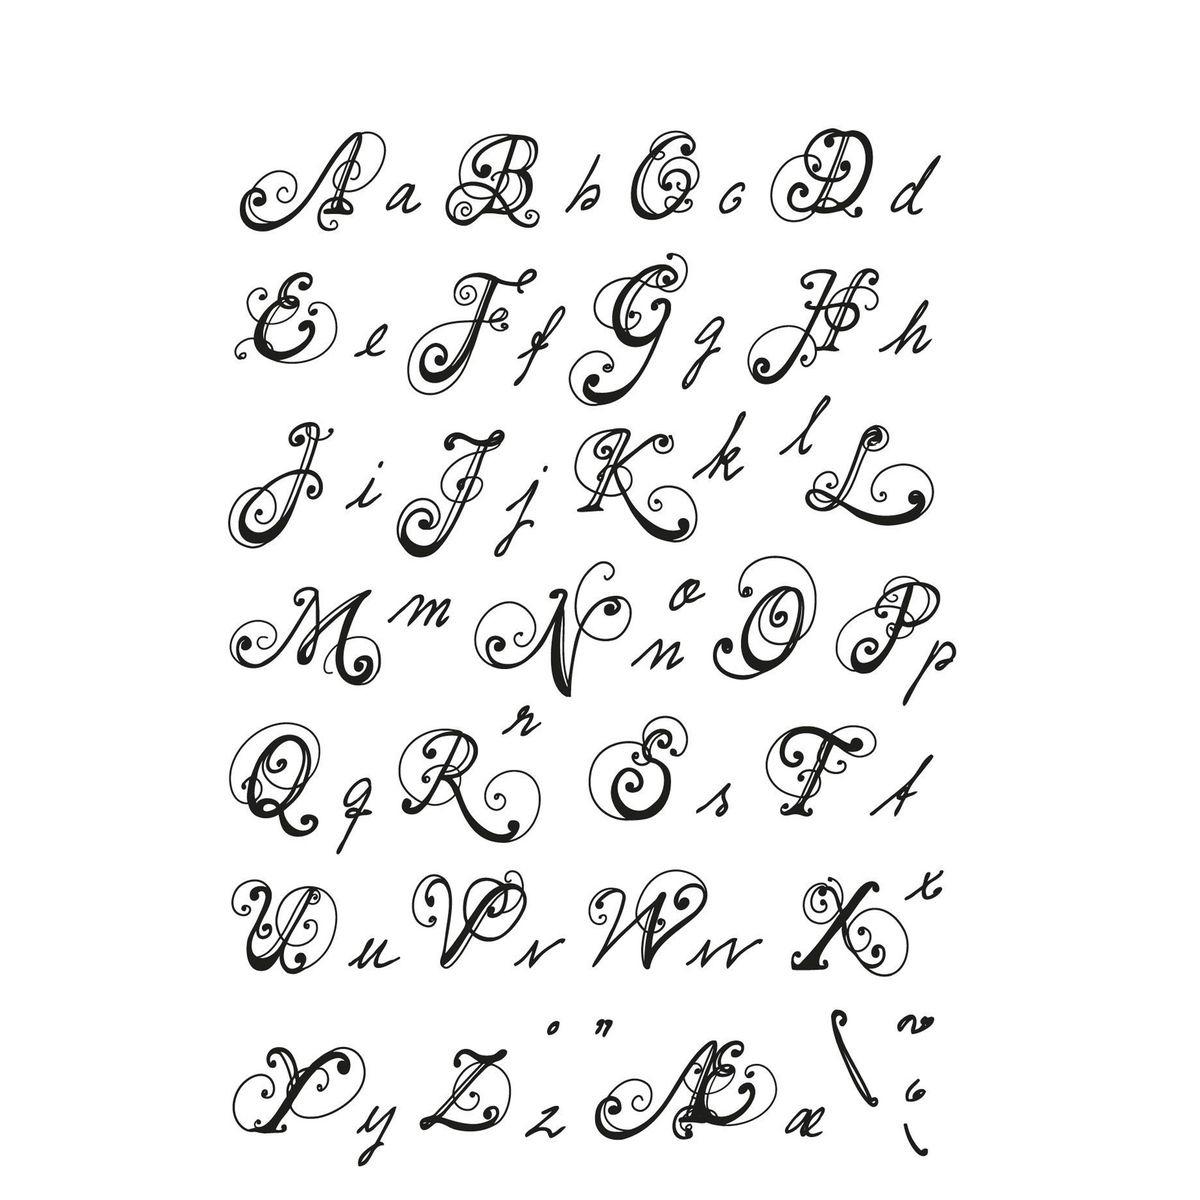 Pin Von Dawon.ci Auf ✐ Alphabet &typography (Mit Bildern ganzes Verschnörkelte Zahlen Zum Ausdrucken